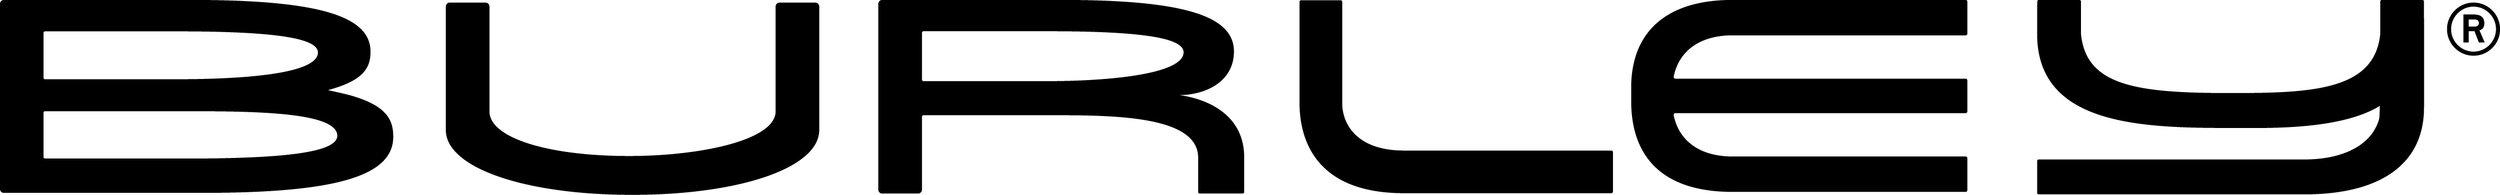 Burley-Logo-black.jpg